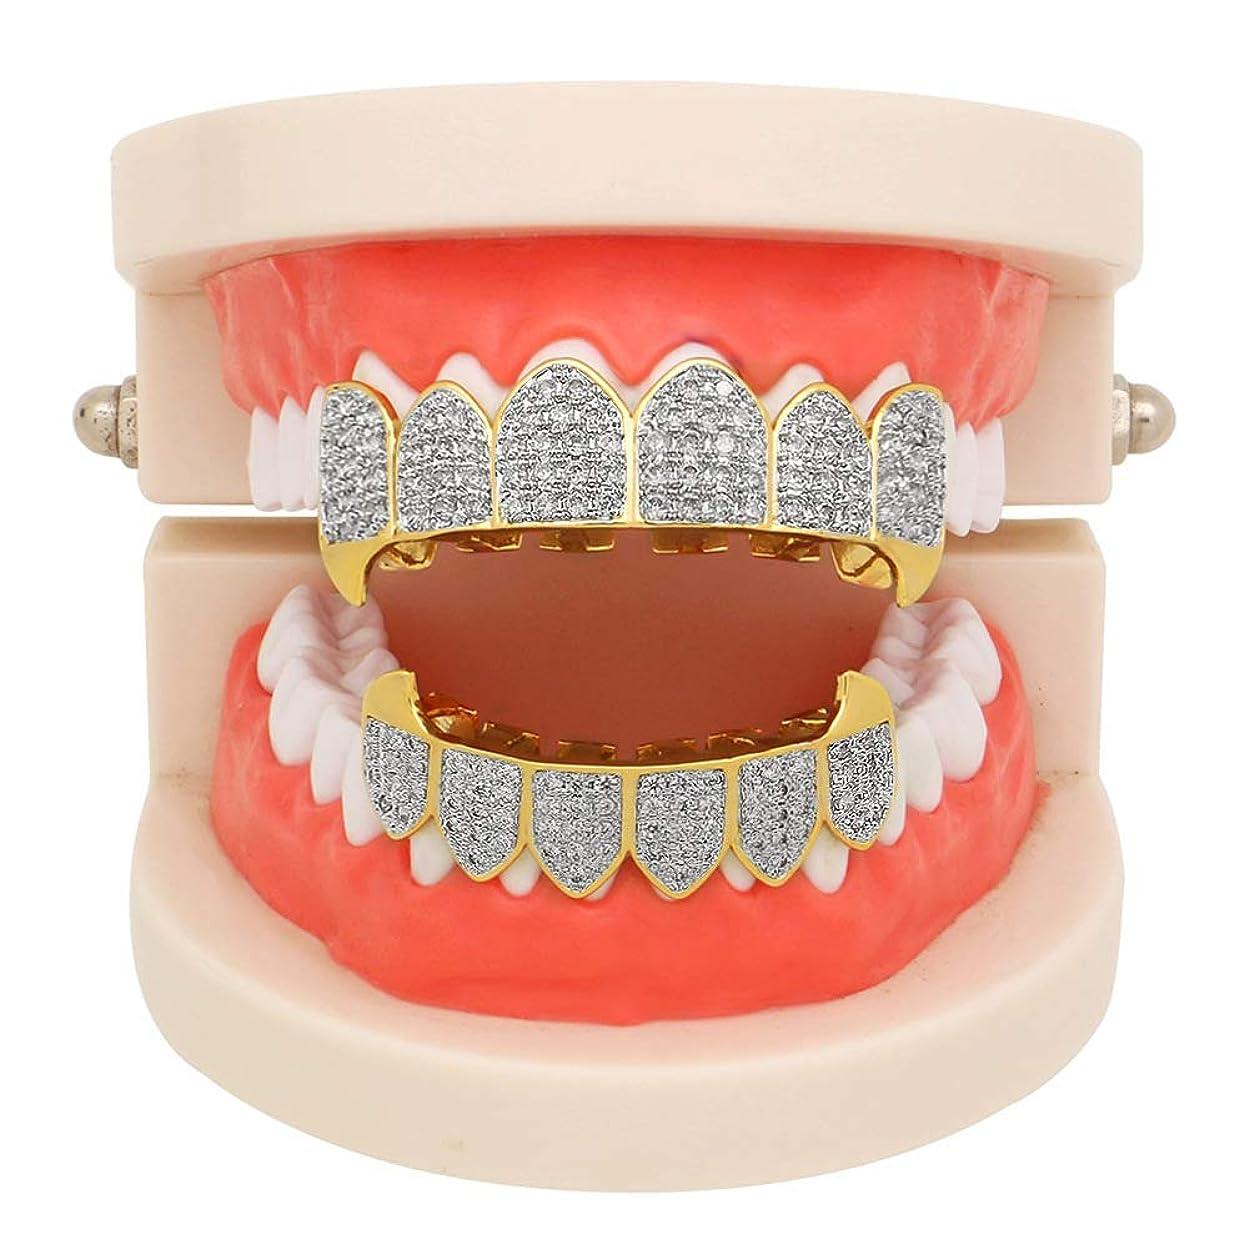 ライオン部分的に発明するファッションヒップホップシミュレーション歯ダイヤモンド銅キャップジュエリー芸者バーベキュー歯音楽オープニング完璧なアクセサリーを集めるためにハロウィーンユニセックス,rosegold